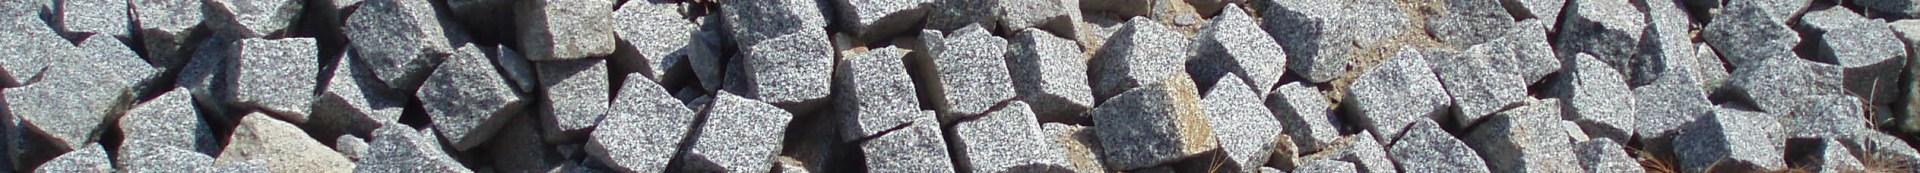 Kamenictví Jihokámen Písek - žula